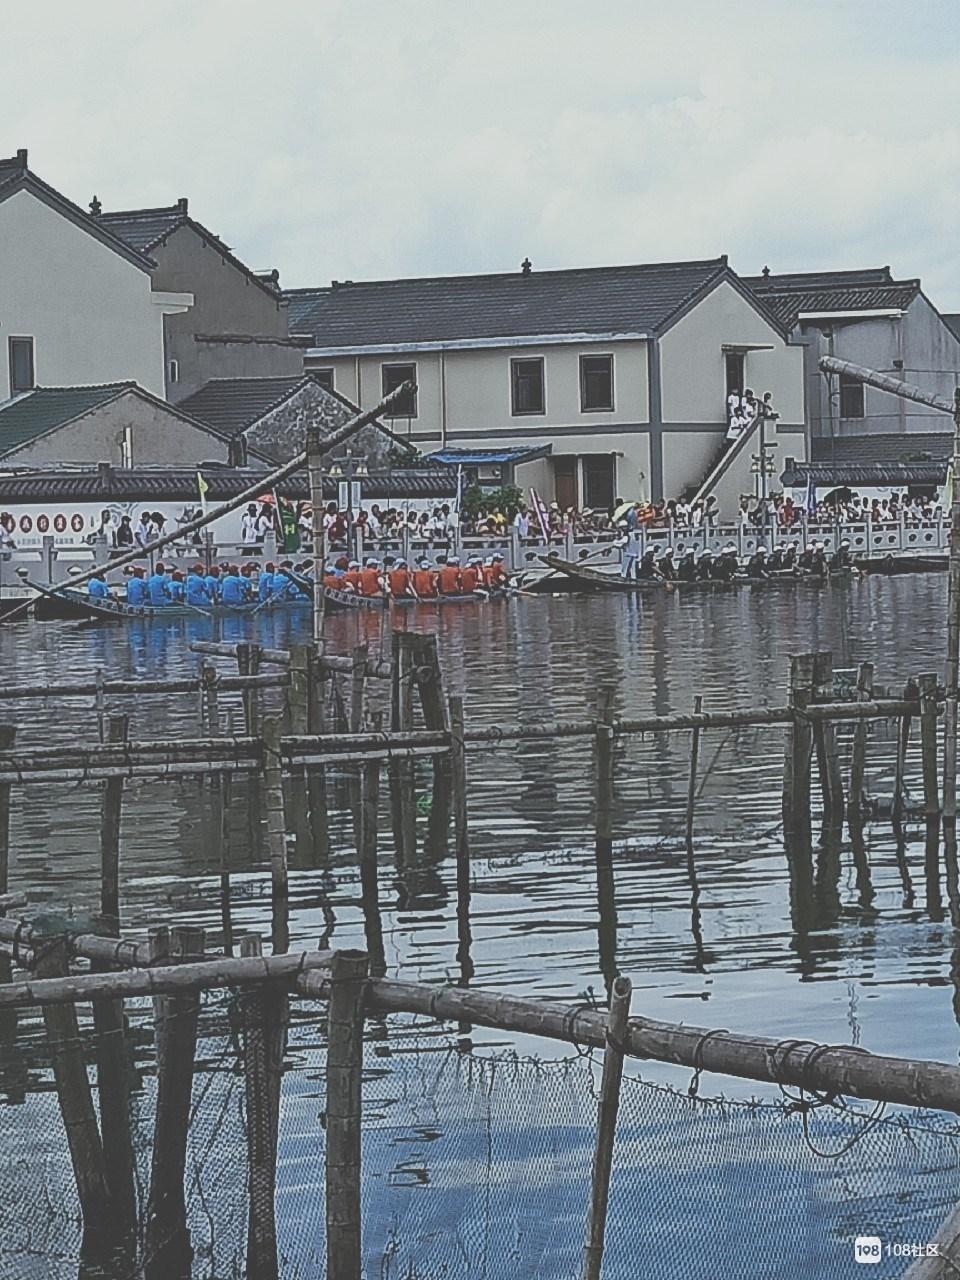 包爷爷庙会热闹非凡!龙舟比赛中好几只船都翻了